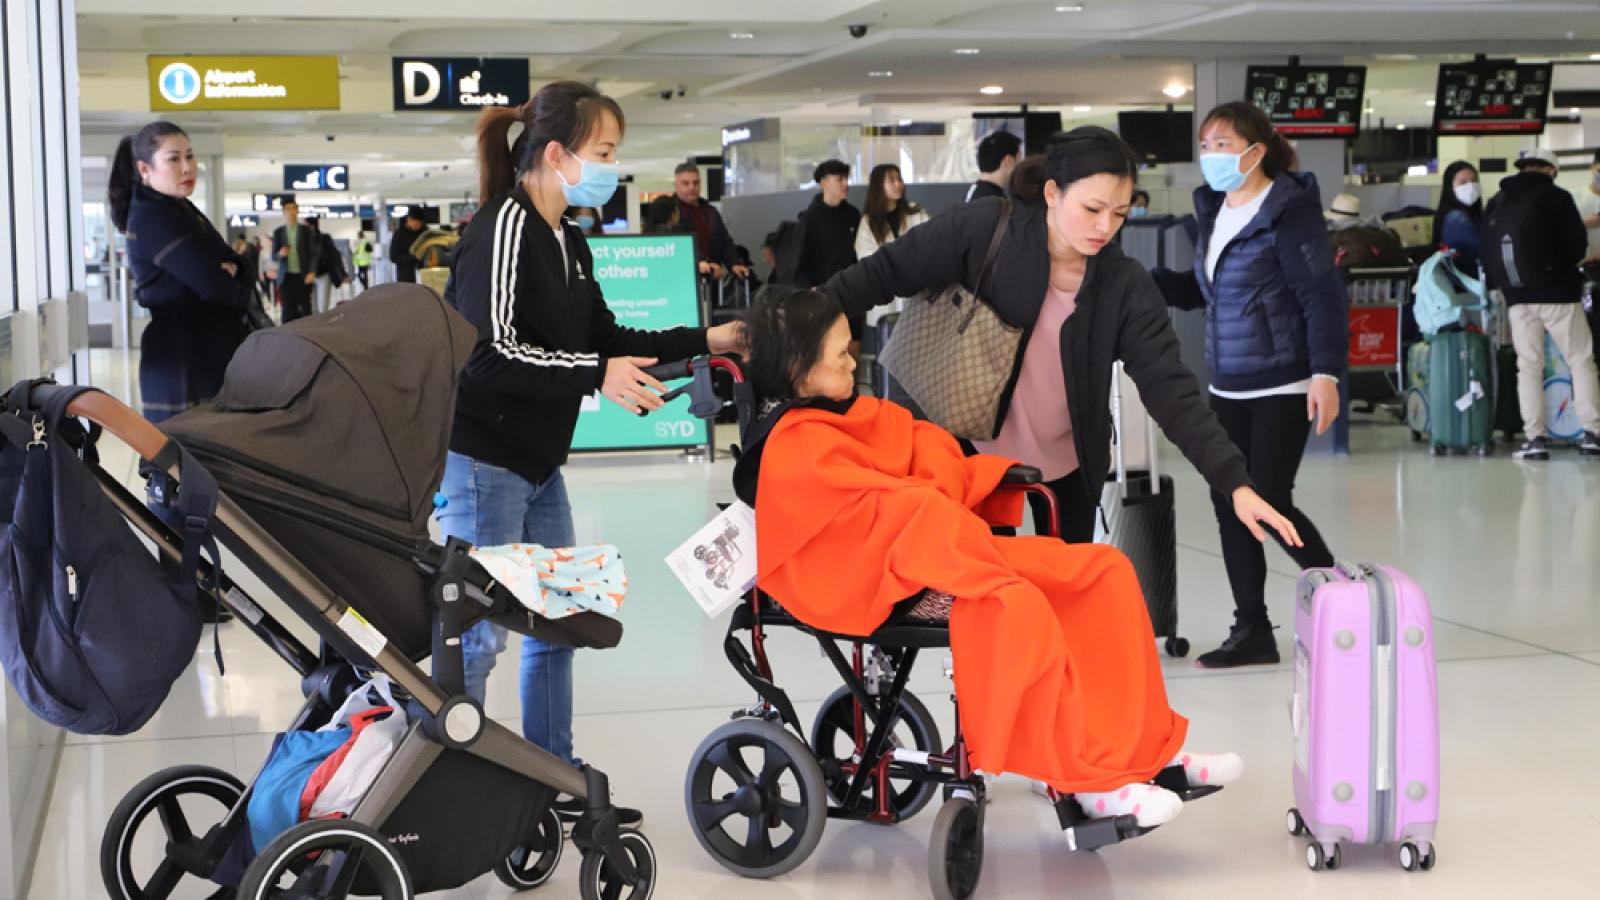 Thông báo về chuyến bay từ Australia về Việt Nam ngày 13/7